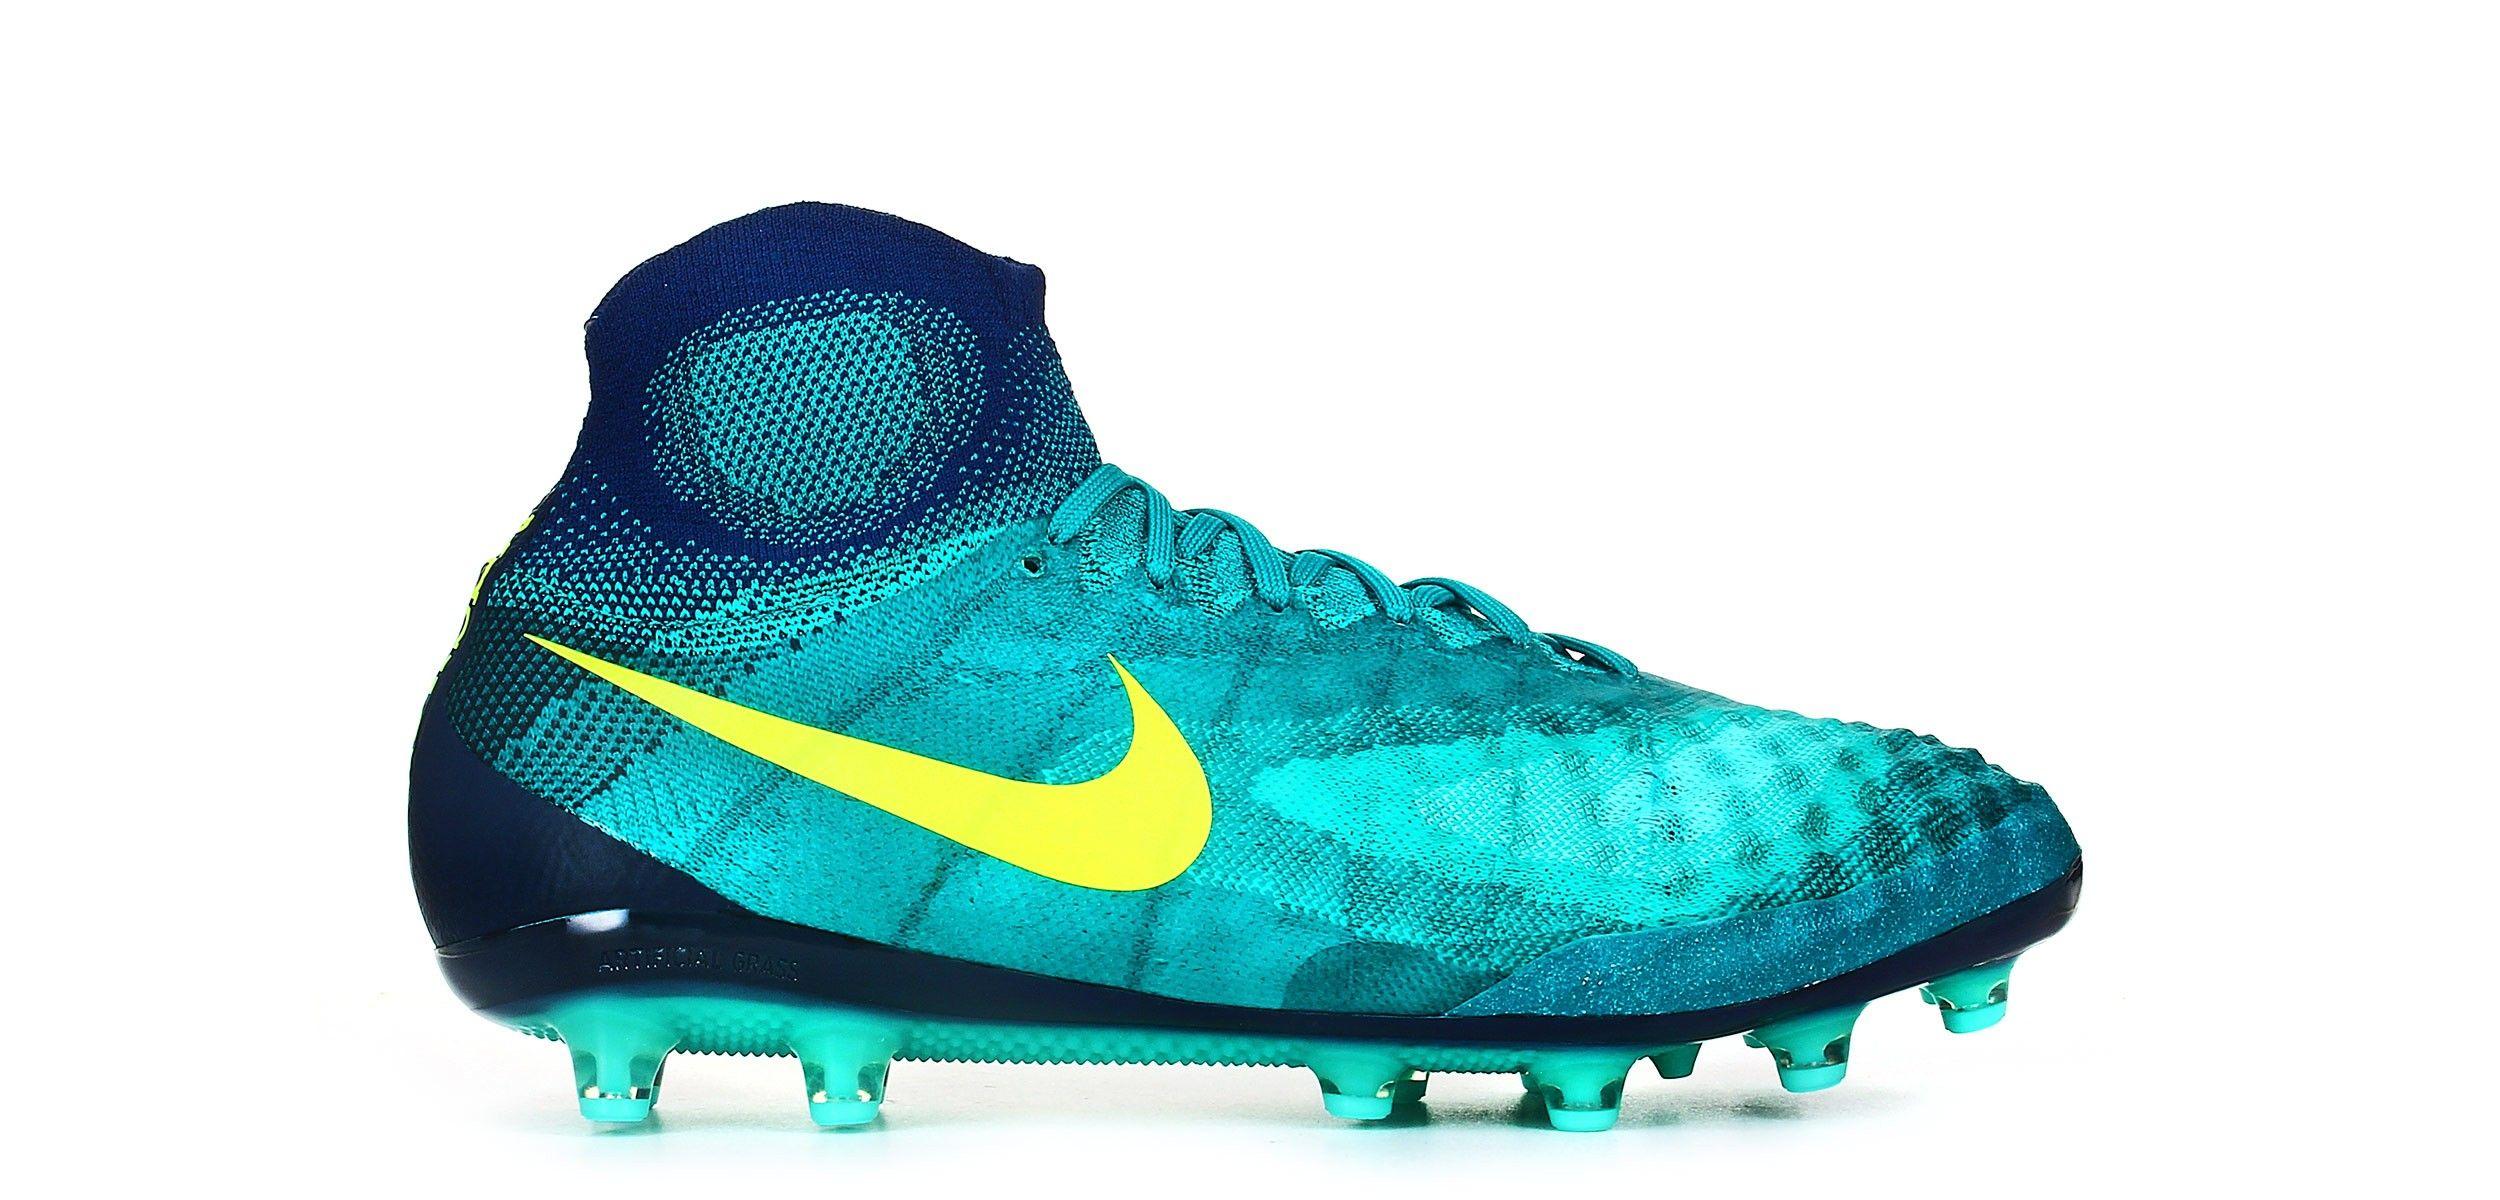 Botas de fútbol AG Nike Magista Obra II AG fútbol PRO Verde Azulado c3919a